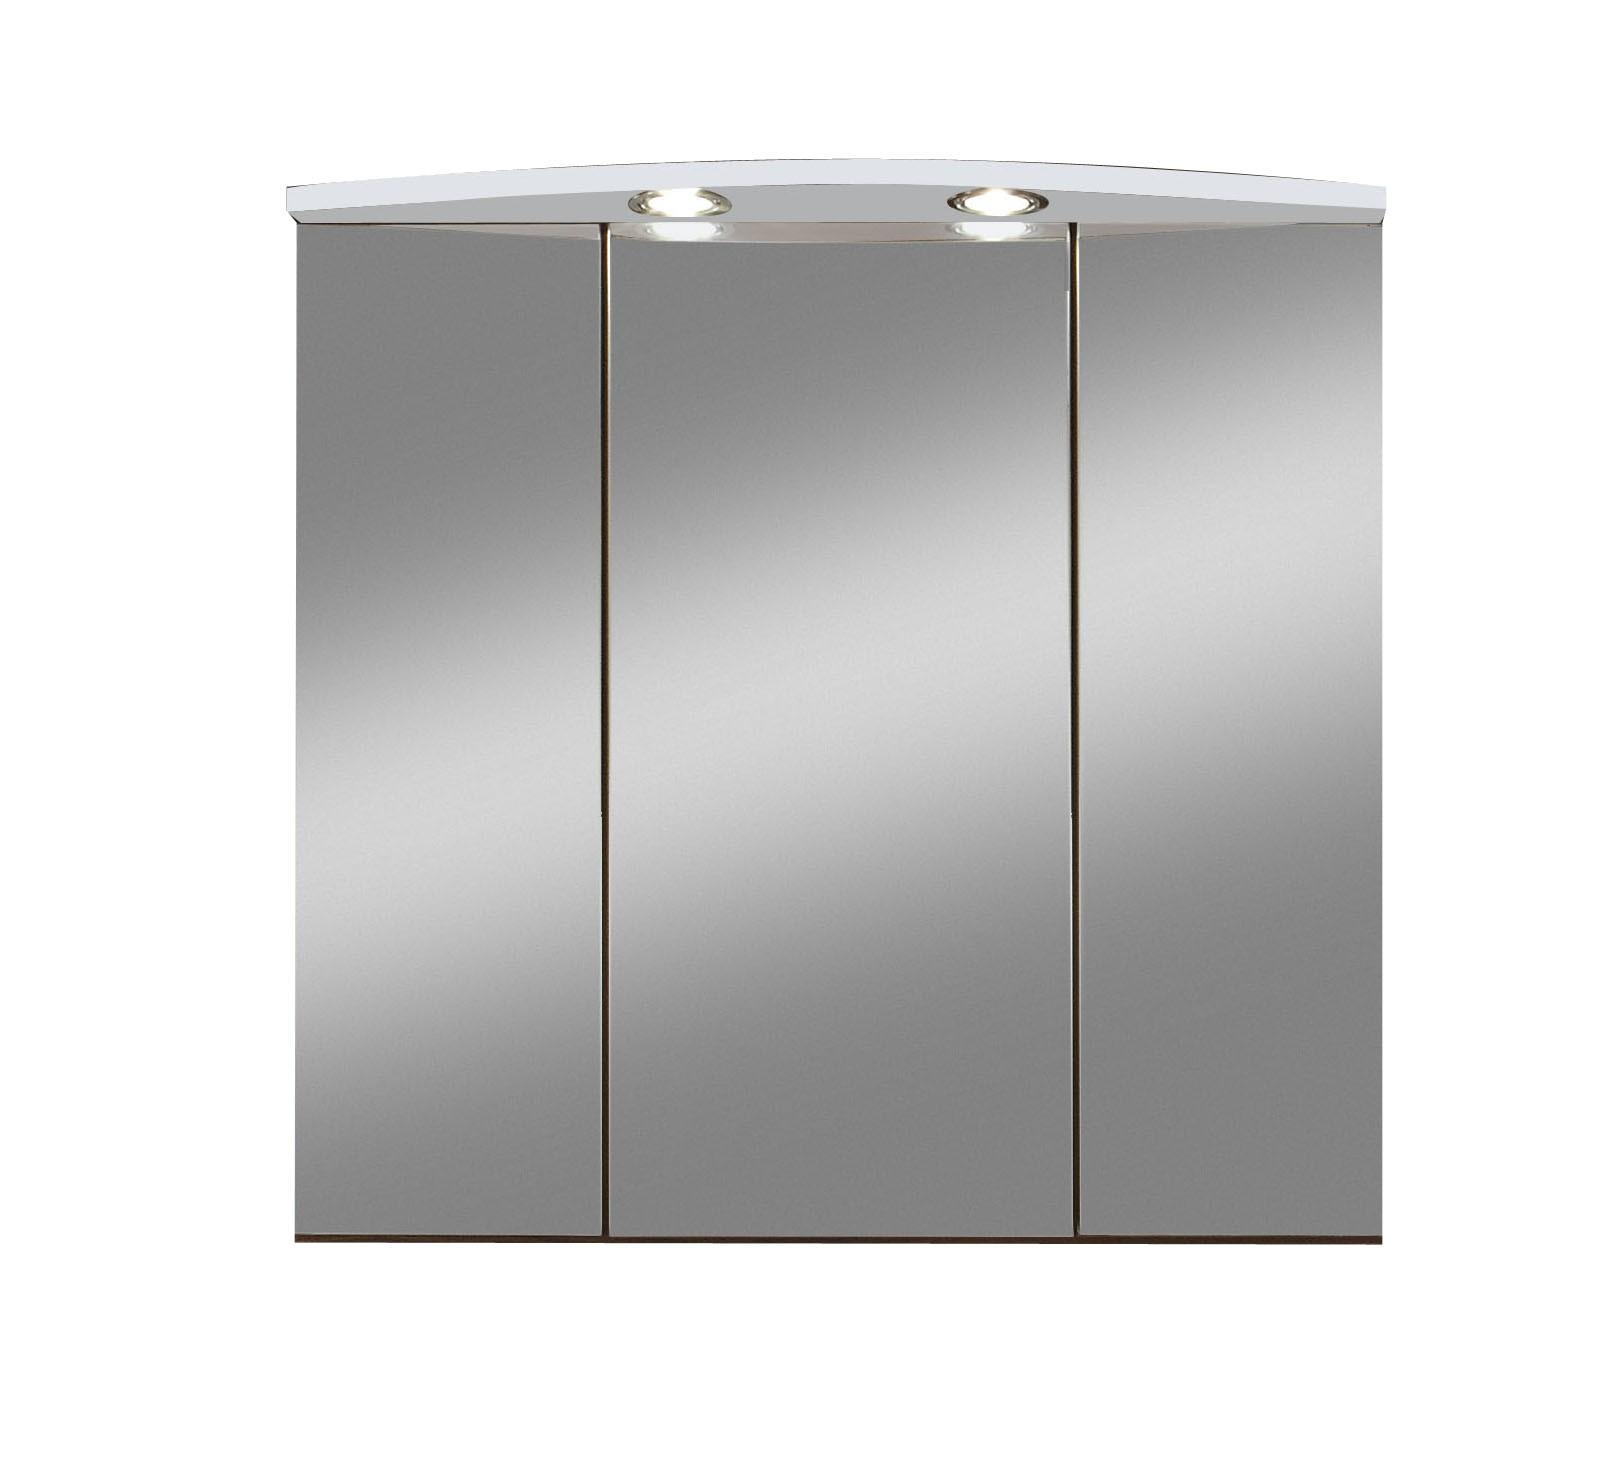 spiegelschrank 1m breit badezimmer 2016. Black Bedroom Furniture Sets. Home Design Ideas